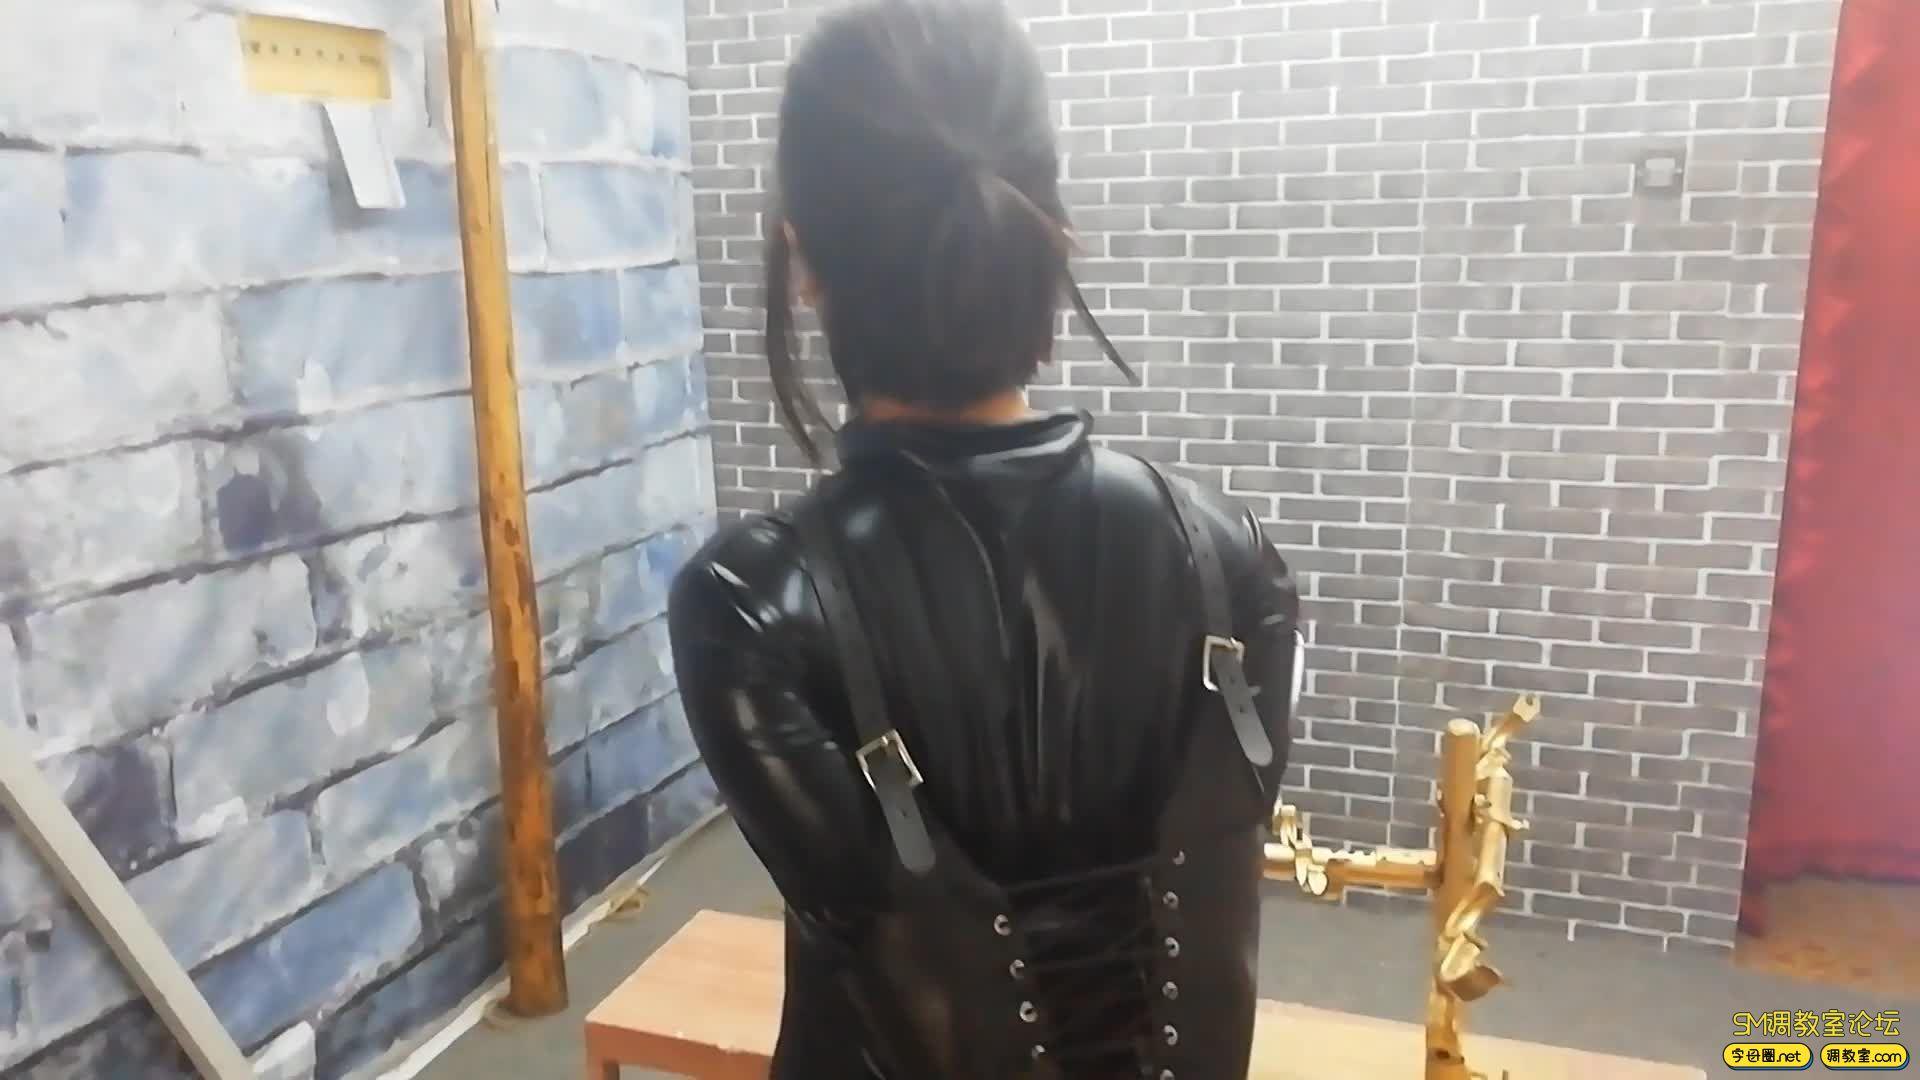 飞天原创_丁奇女仆装被囚铁笼 驷马架 K9金属架固定-视频截图6